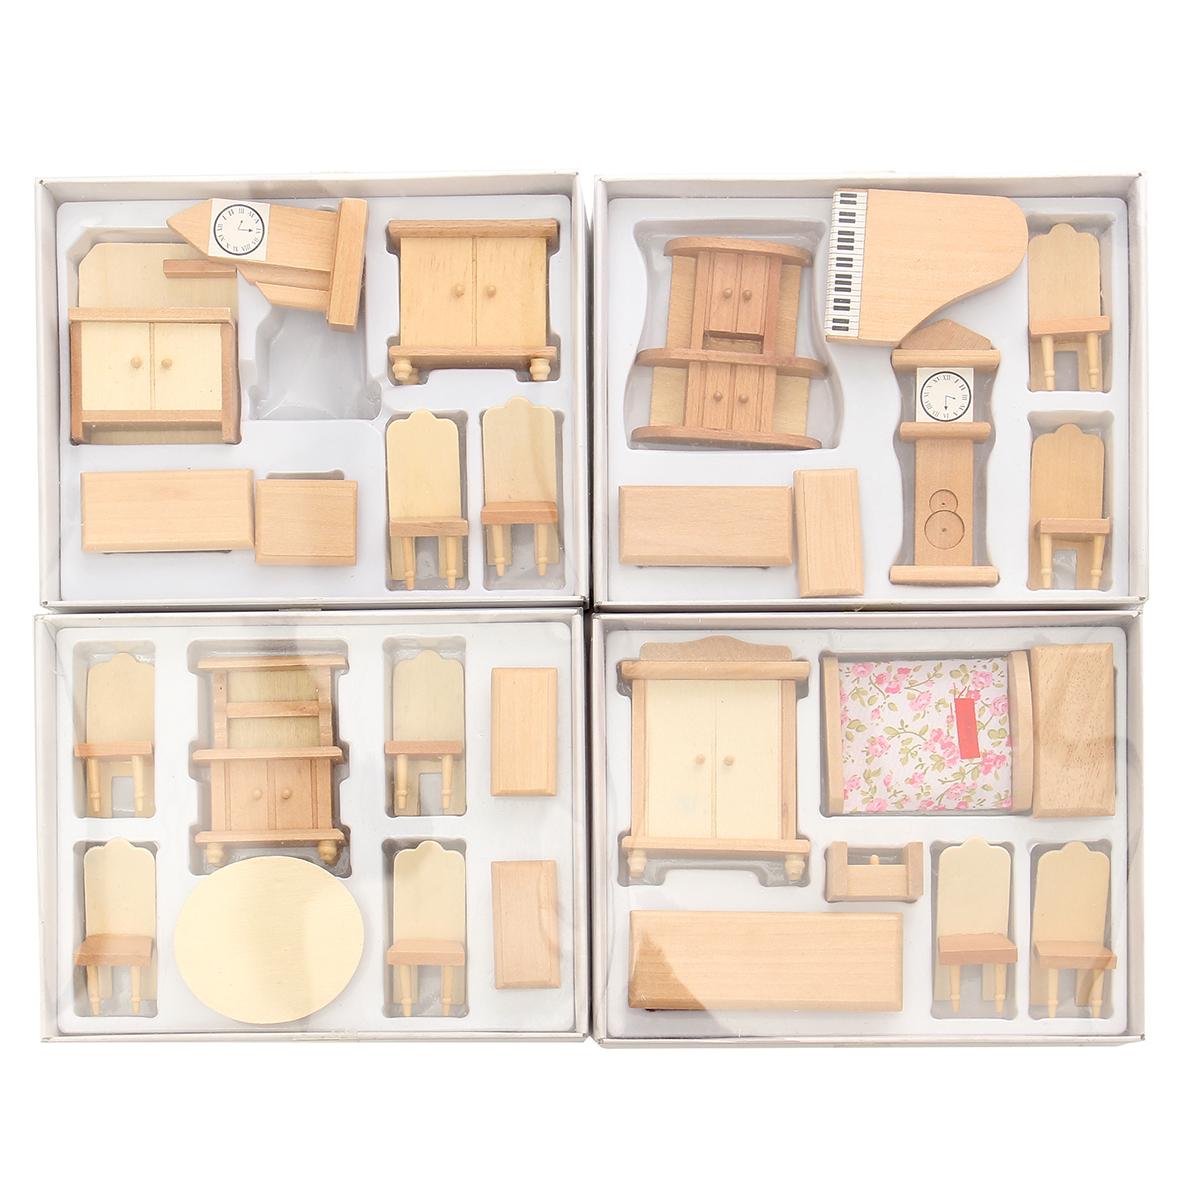 Tempsa miniture kit de meuble accessoire maison de poup e for Accessoires de maison